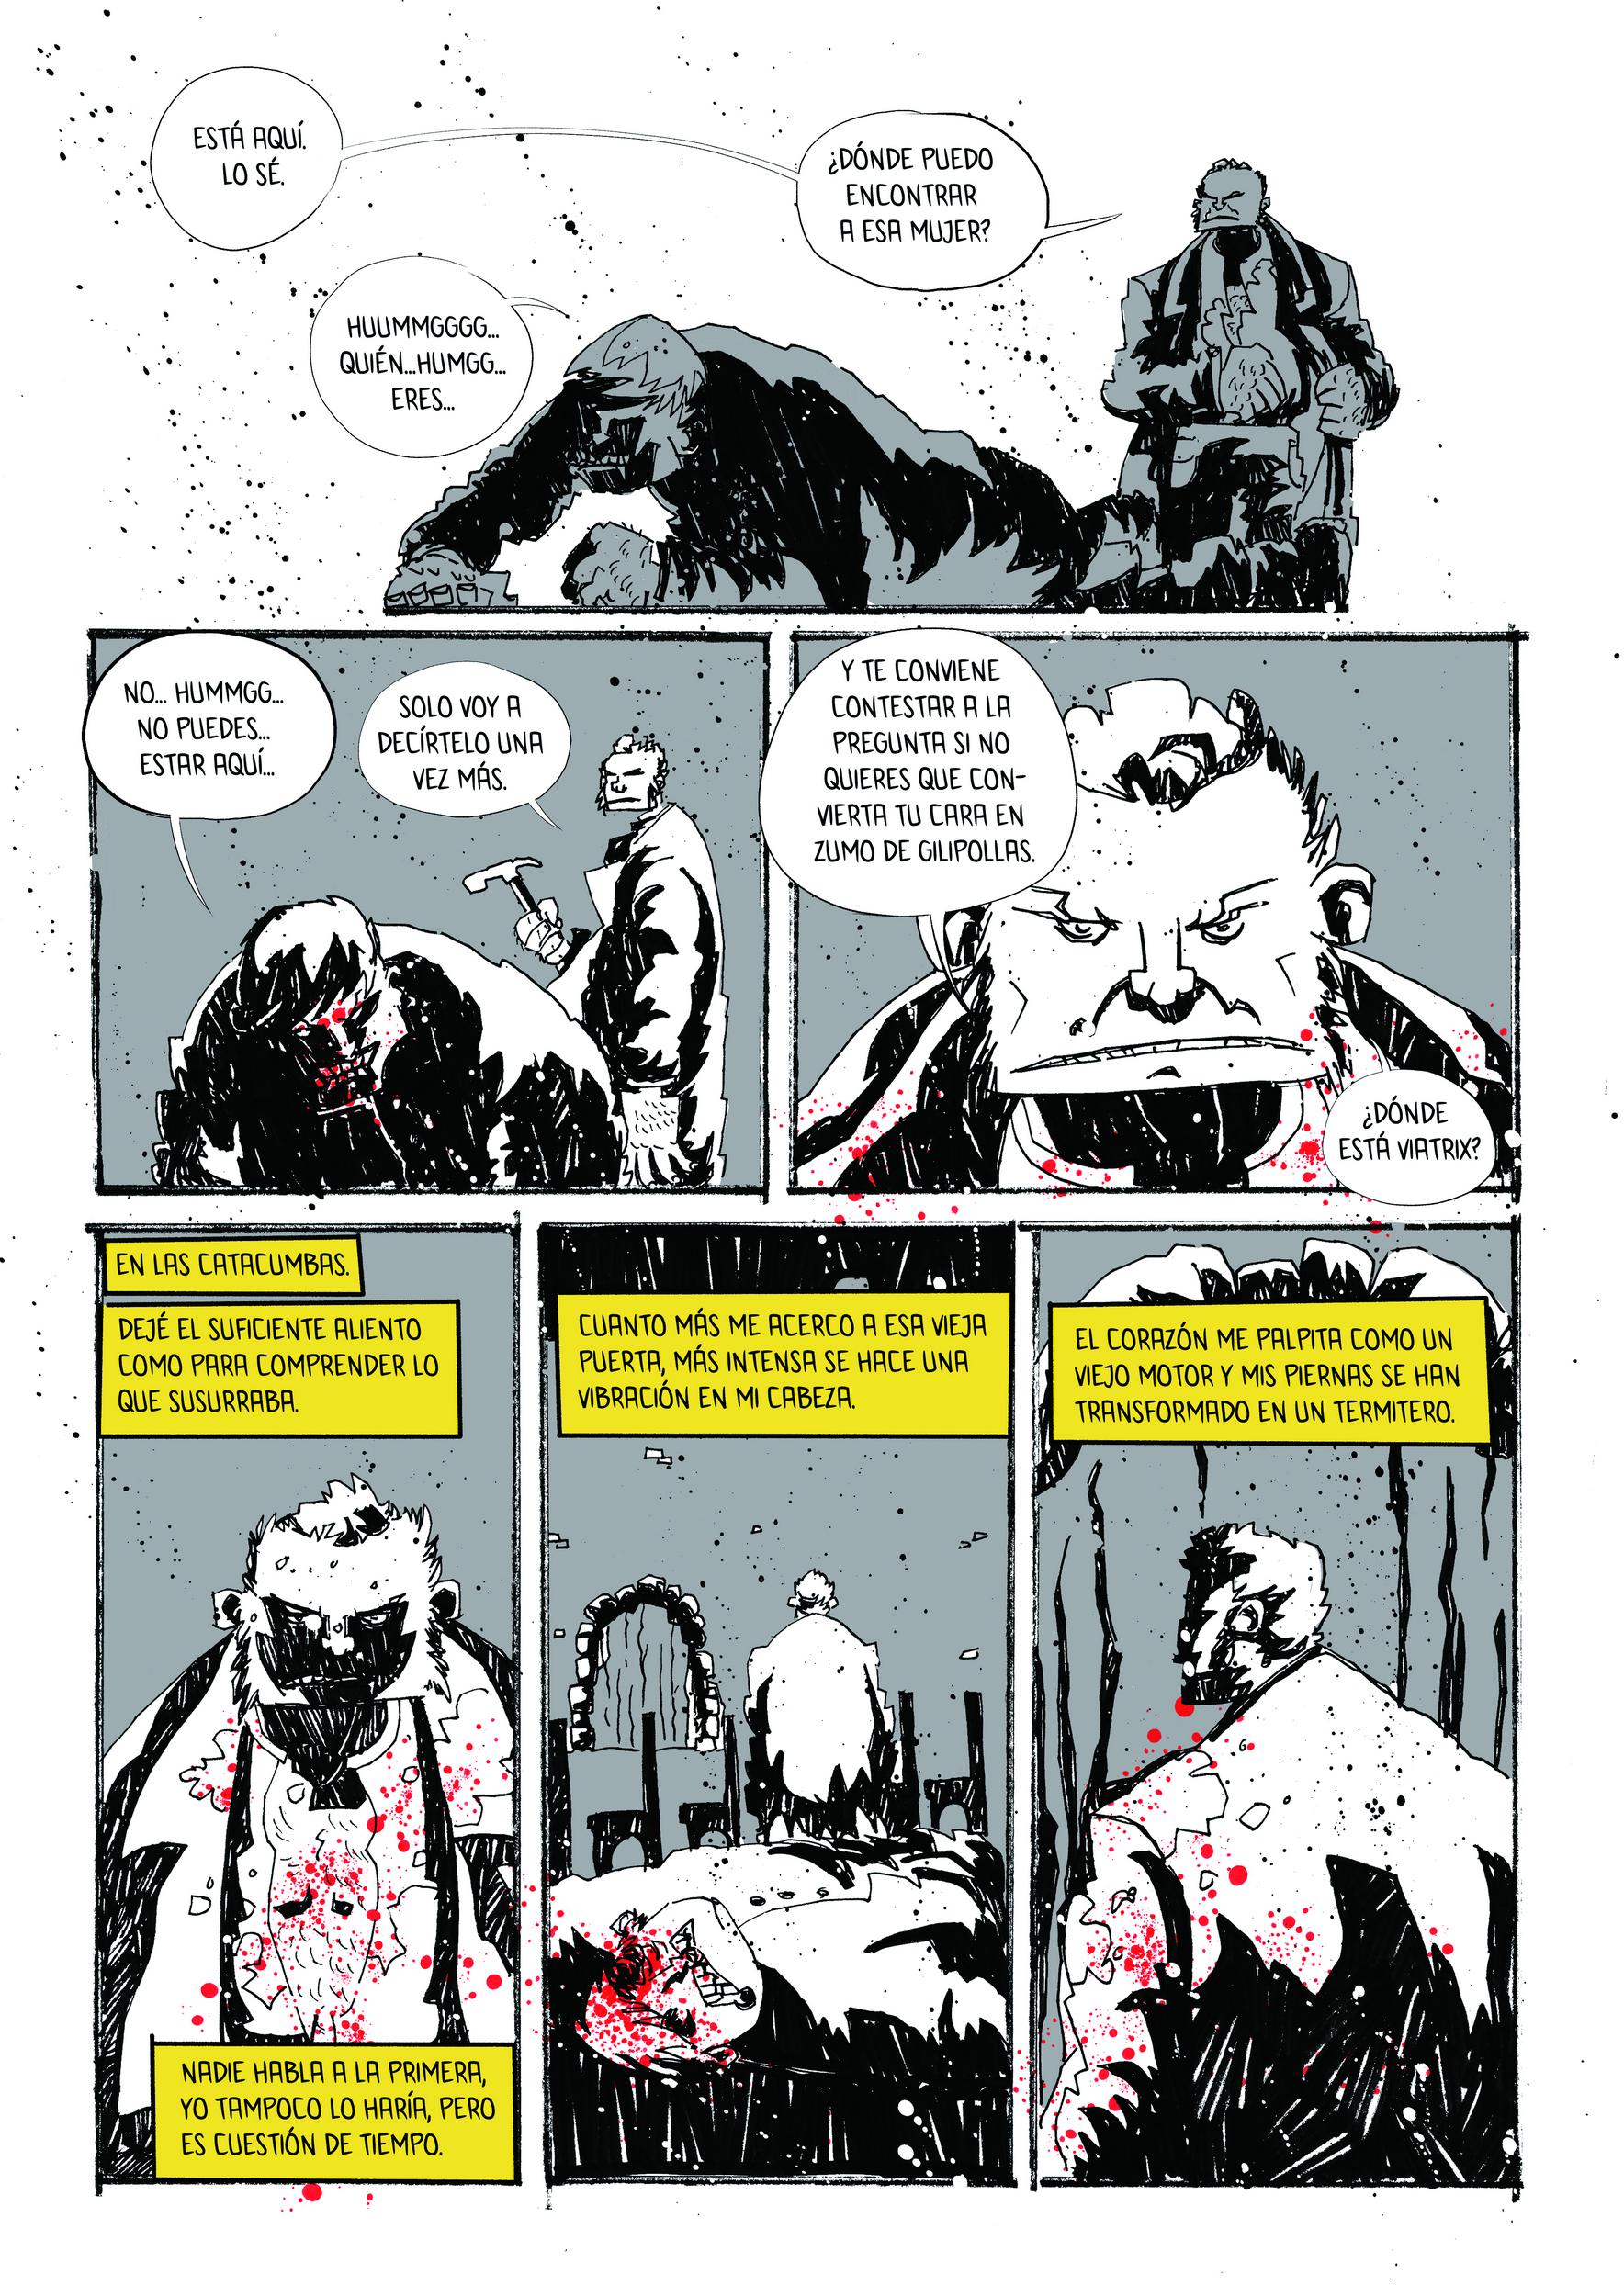 05_Hugo Martín Crespo y Alejandro Cruz Santana_Grind_pagina00006_2500_0019